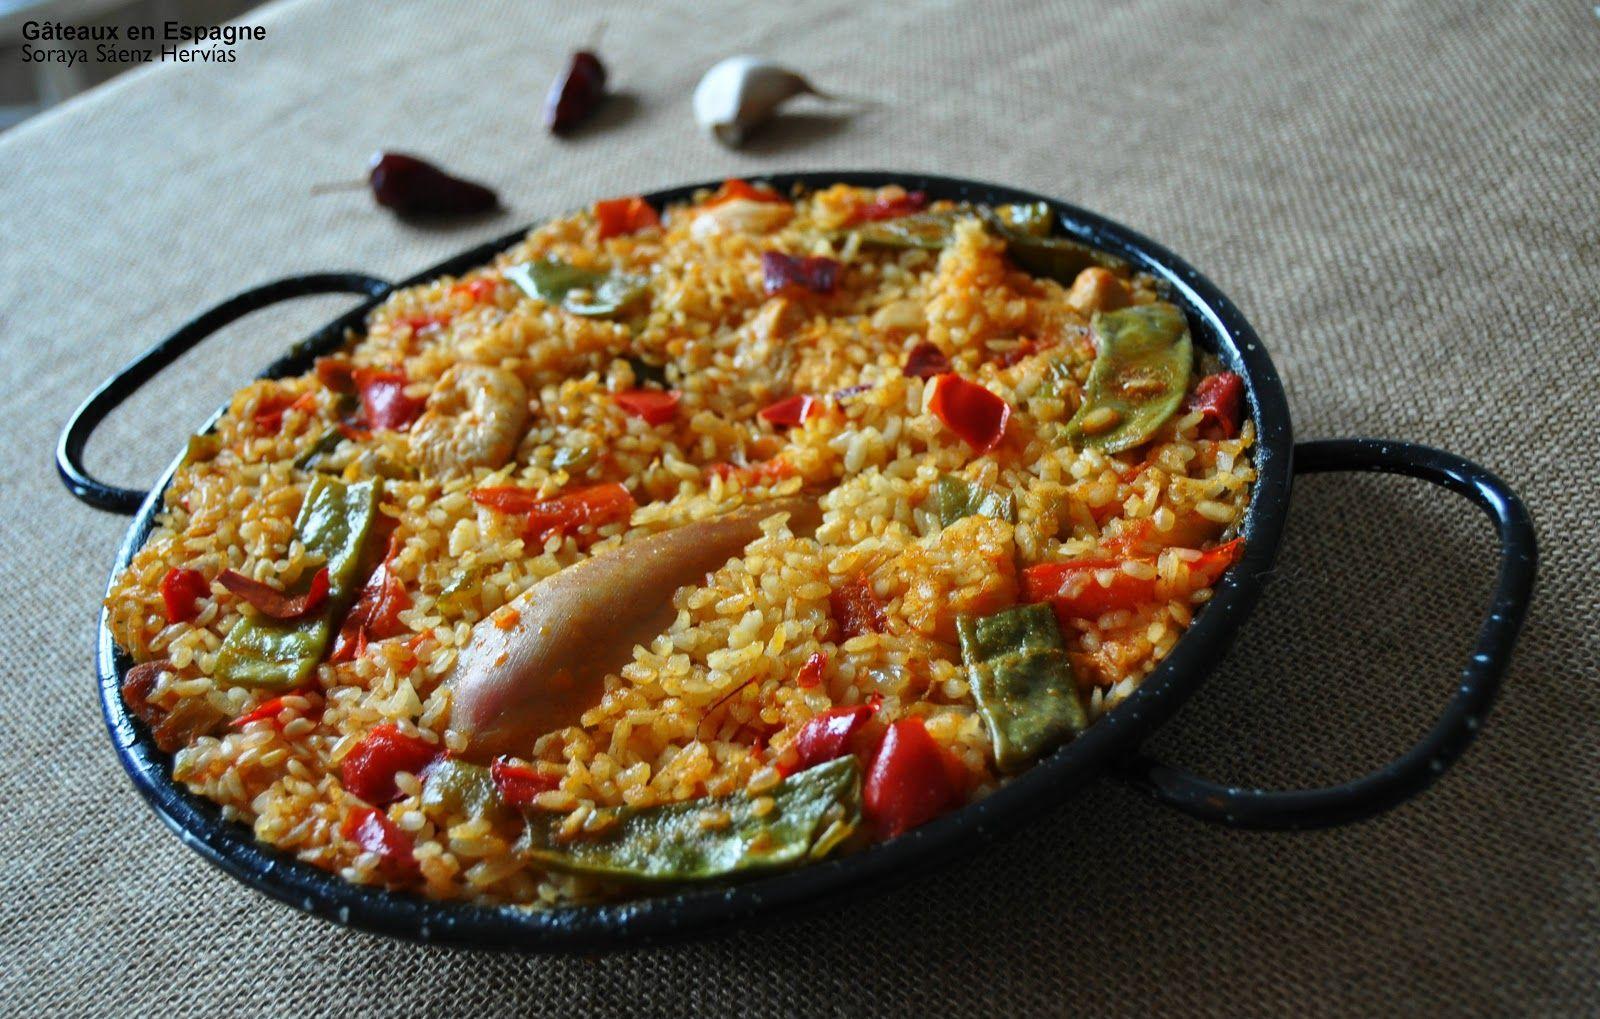 recette de pa lla au poulet traditionnelle tapas espagnoles g teaux en espagne paella. Black Bedroom Furniture Sets. Home Design Ideas